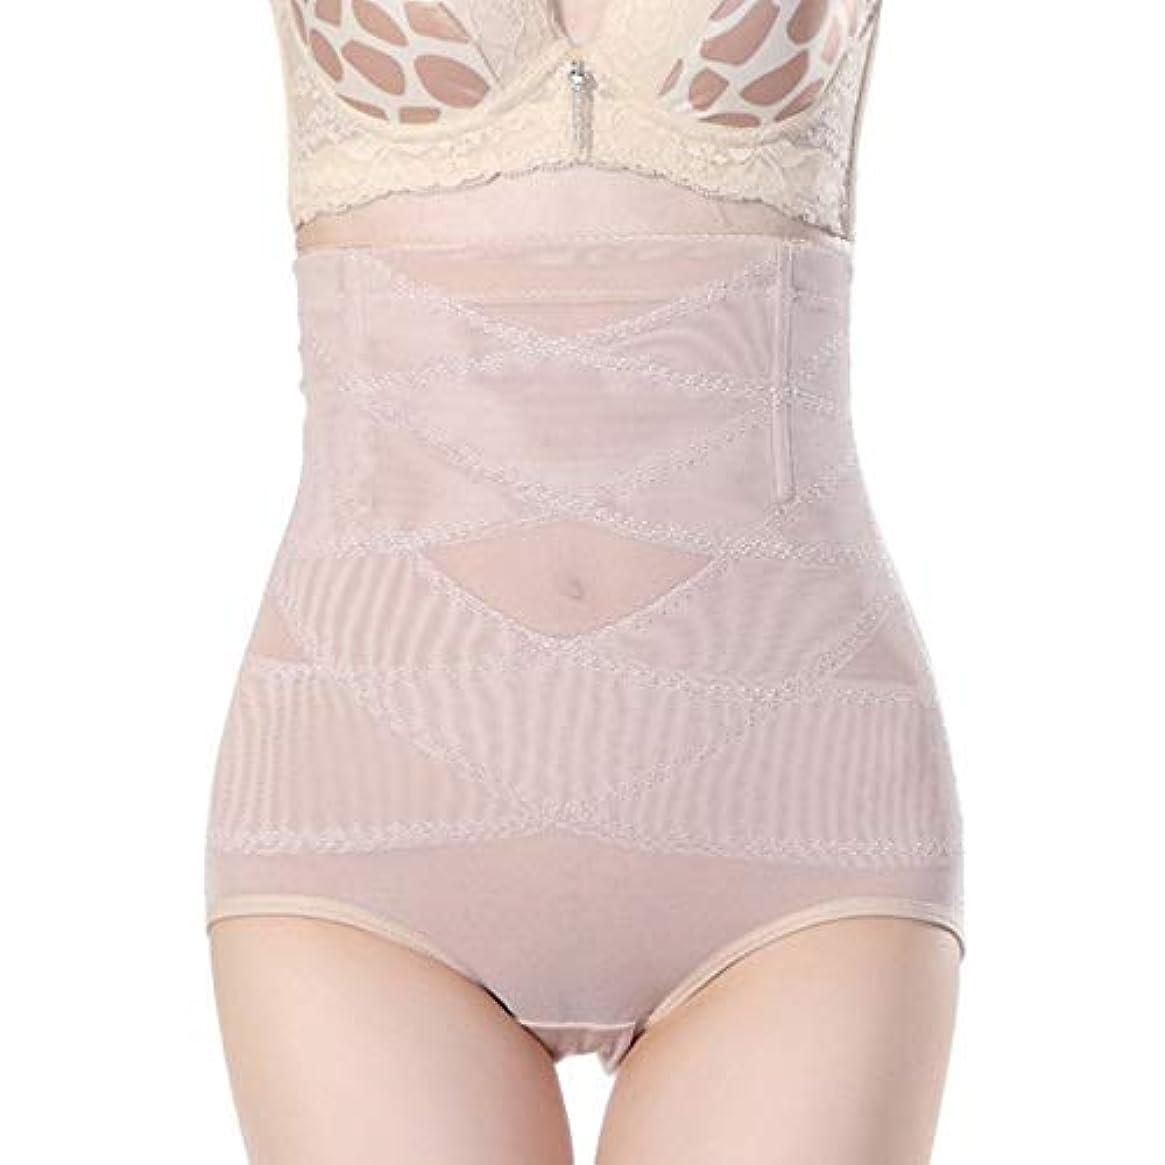 見積り教育母腹部制御下着シームレスおなかコントロールパンティーバットリフターボディシェイパーを痩身通気性のハイウエストの女性 - 肌色M